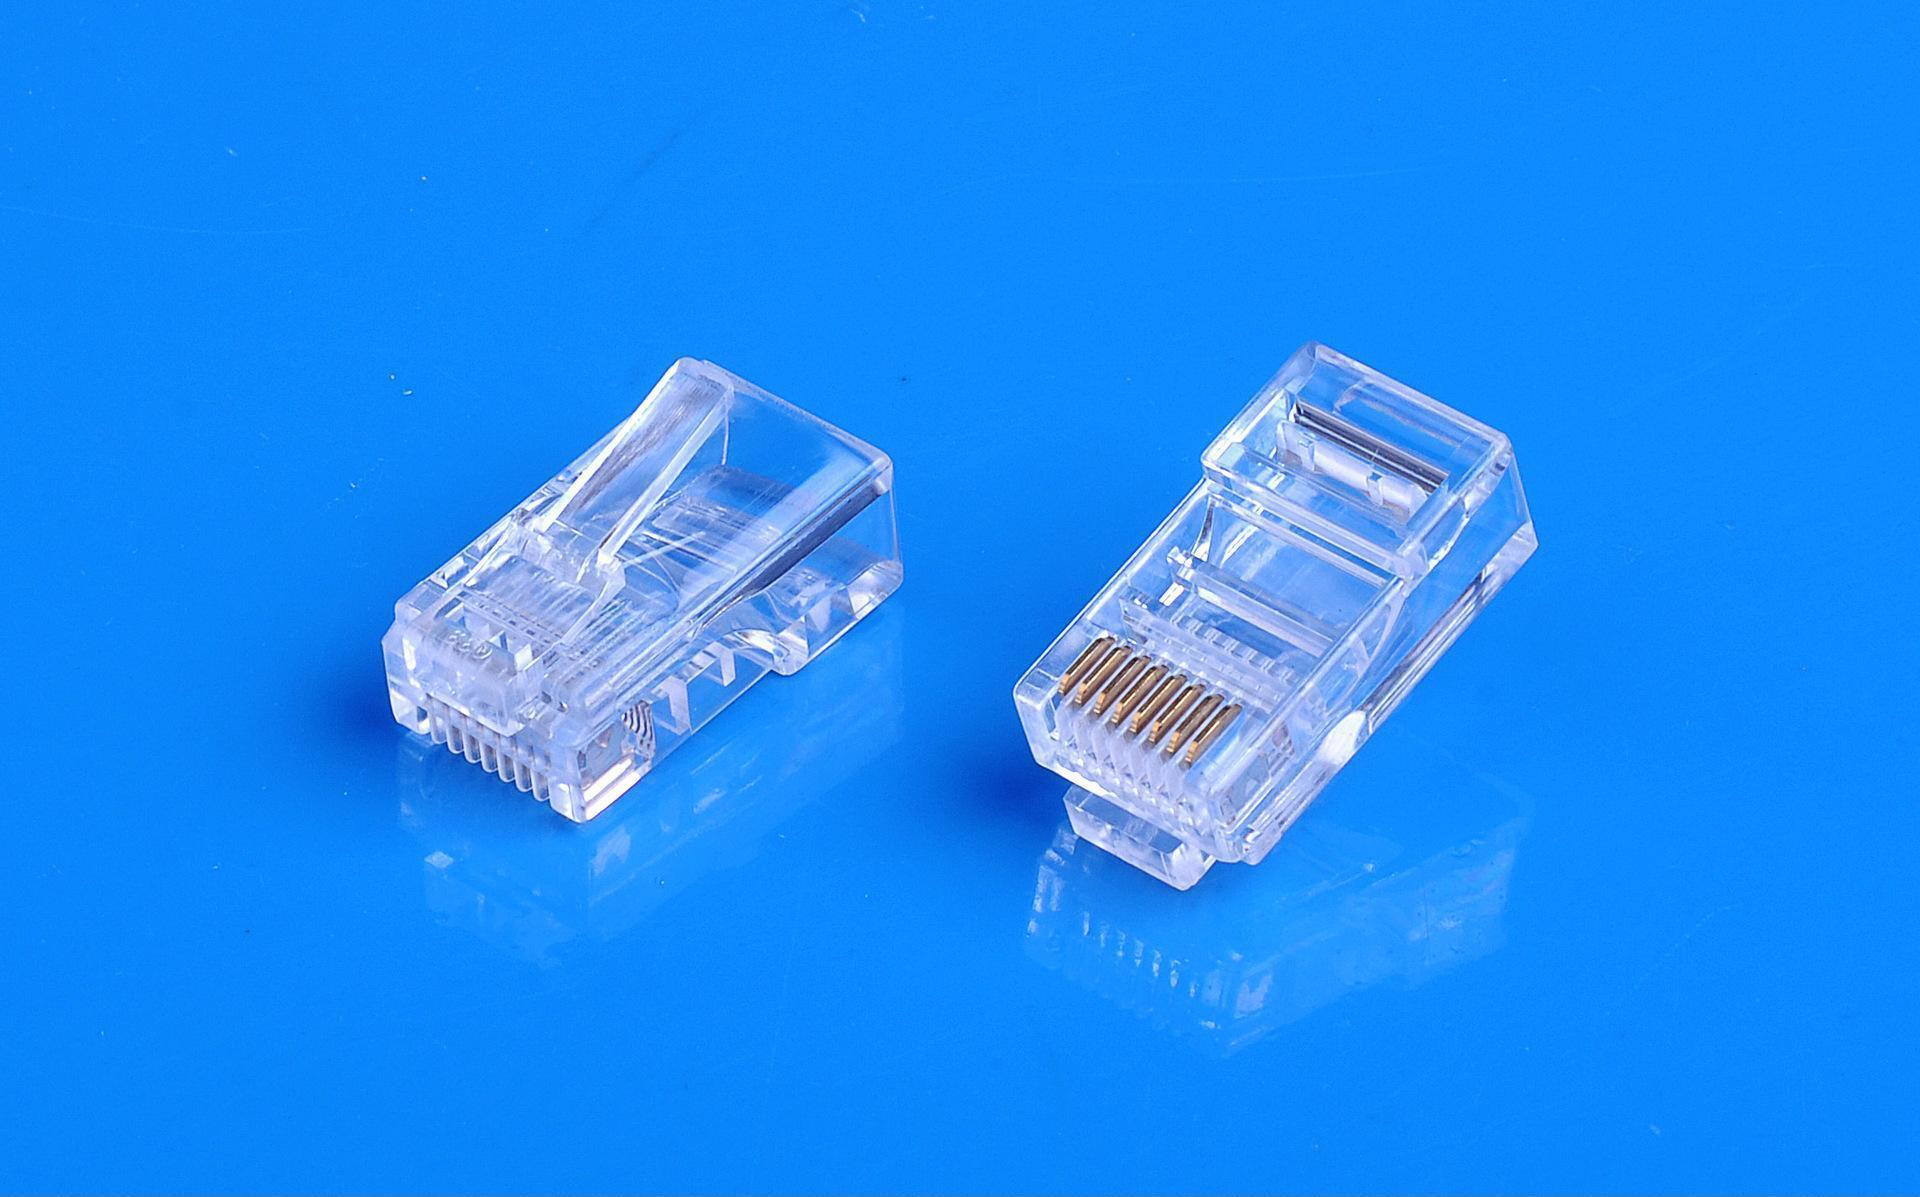 厂家供应rj45-cat5e 网线水晶头